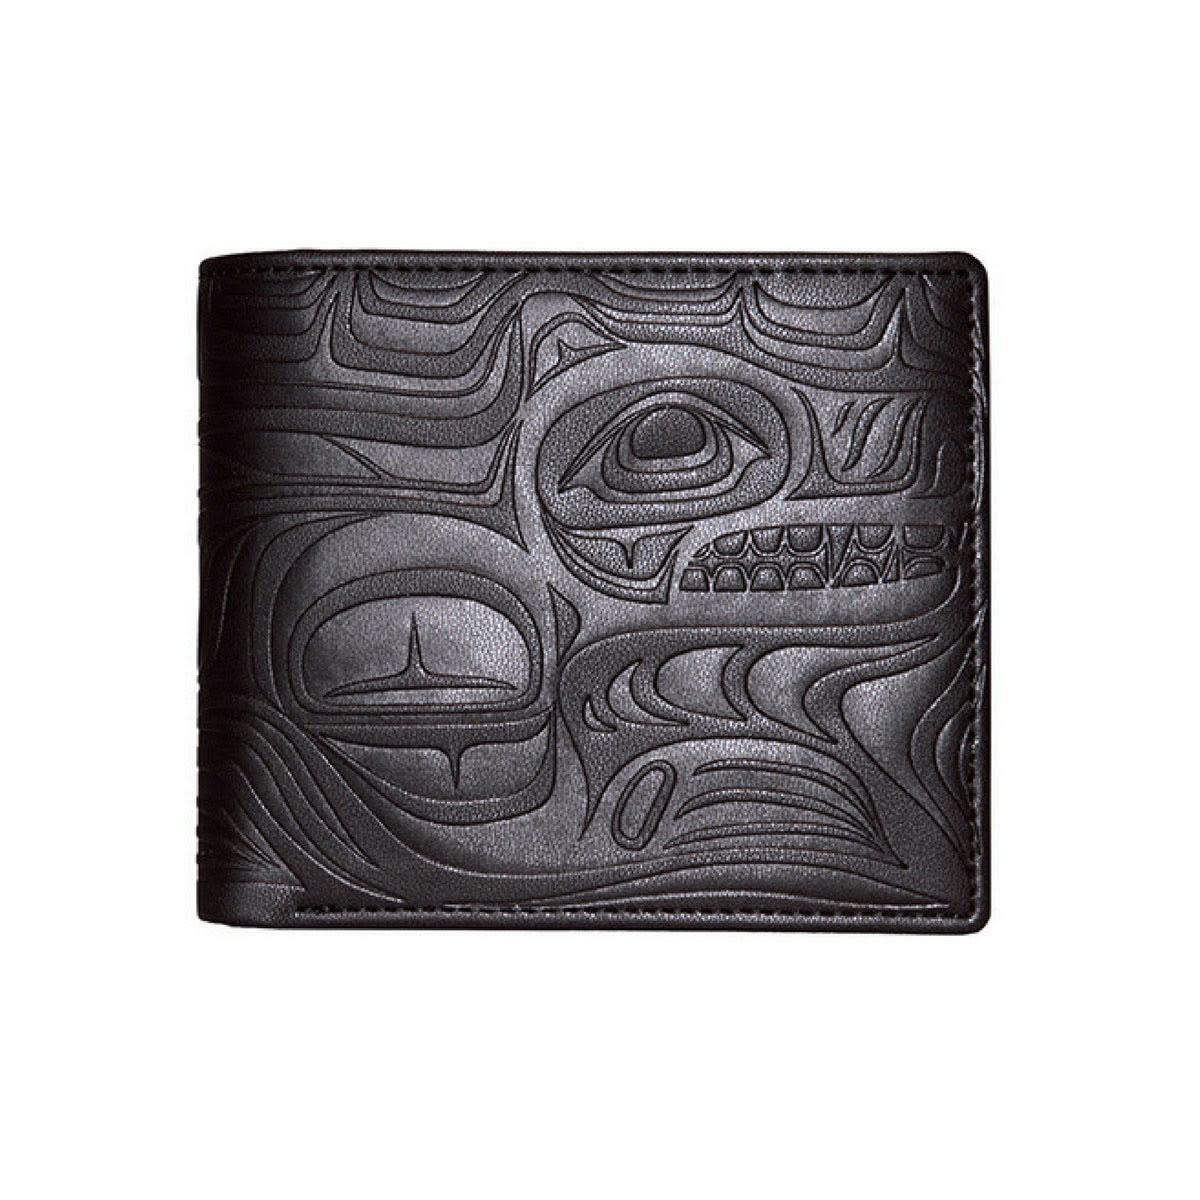 Wallet-Embossed-1